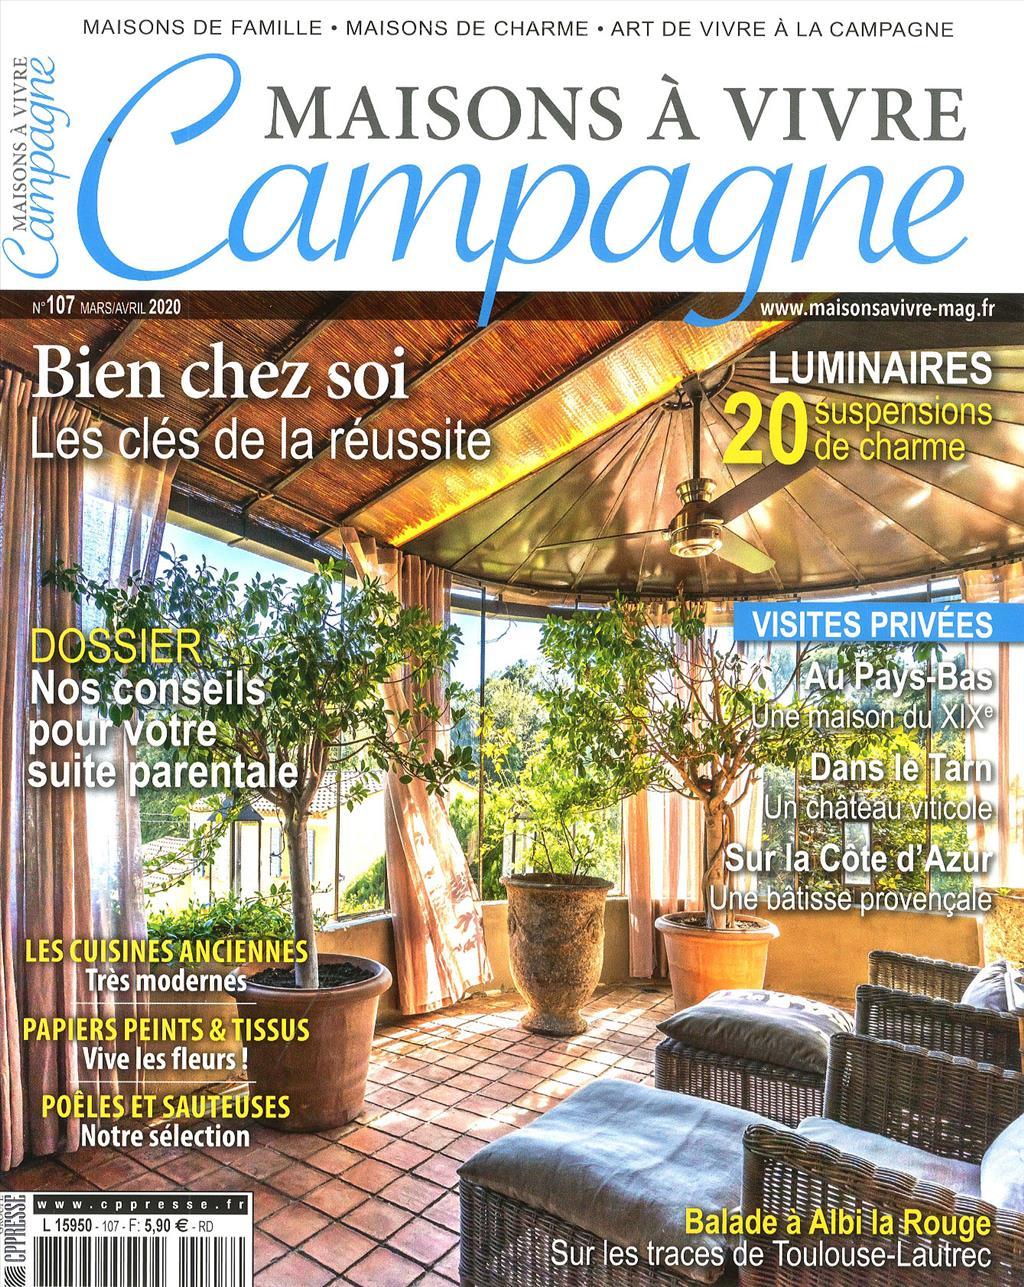 Maison A Vivre Campagne fiche produit - catalogue produits mlp